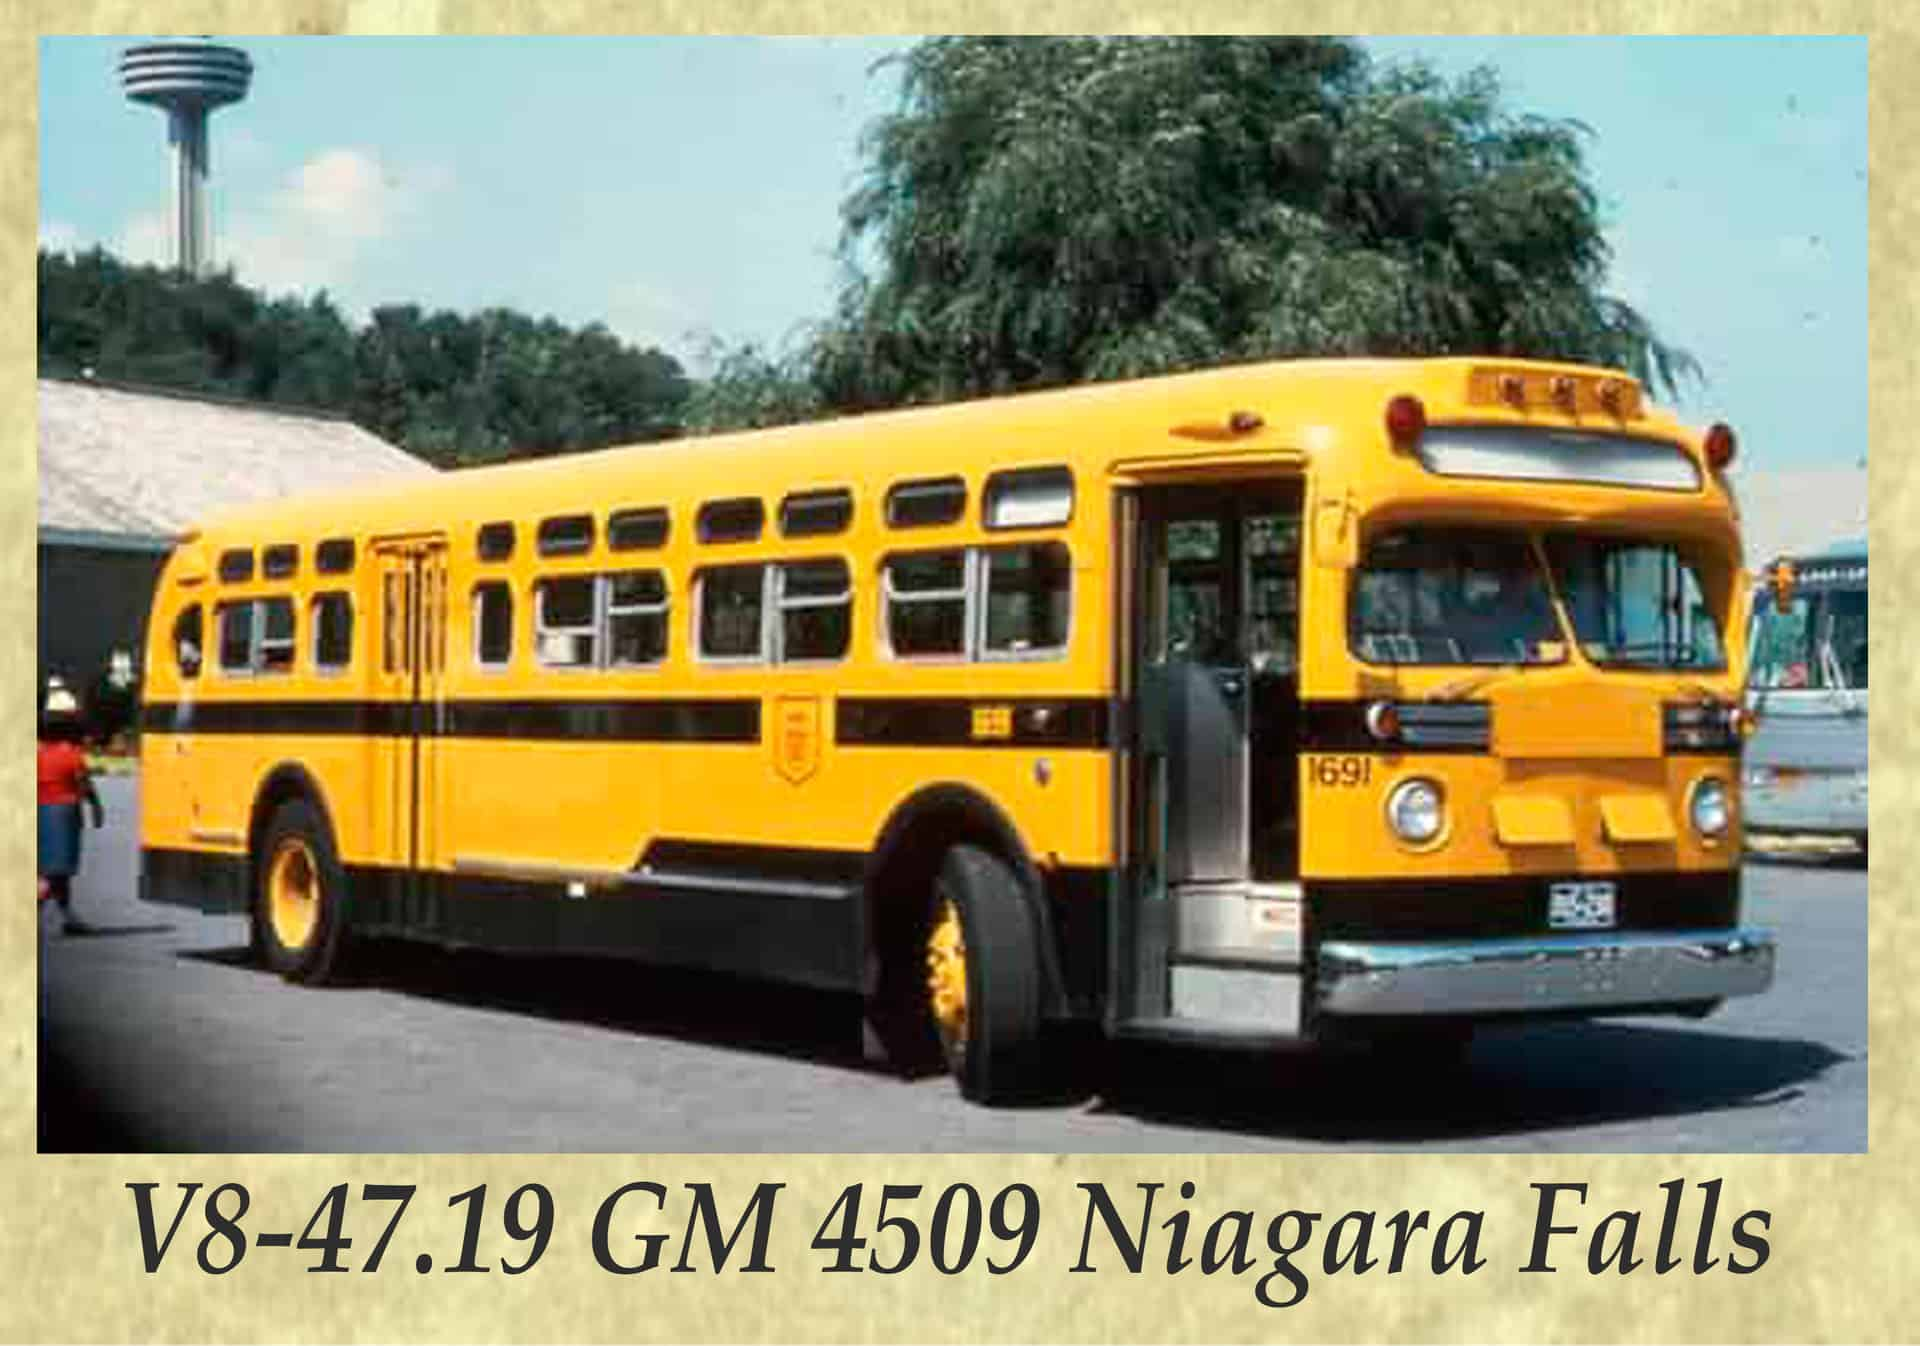 V8-47.19 GM 4509 Niagara Falls